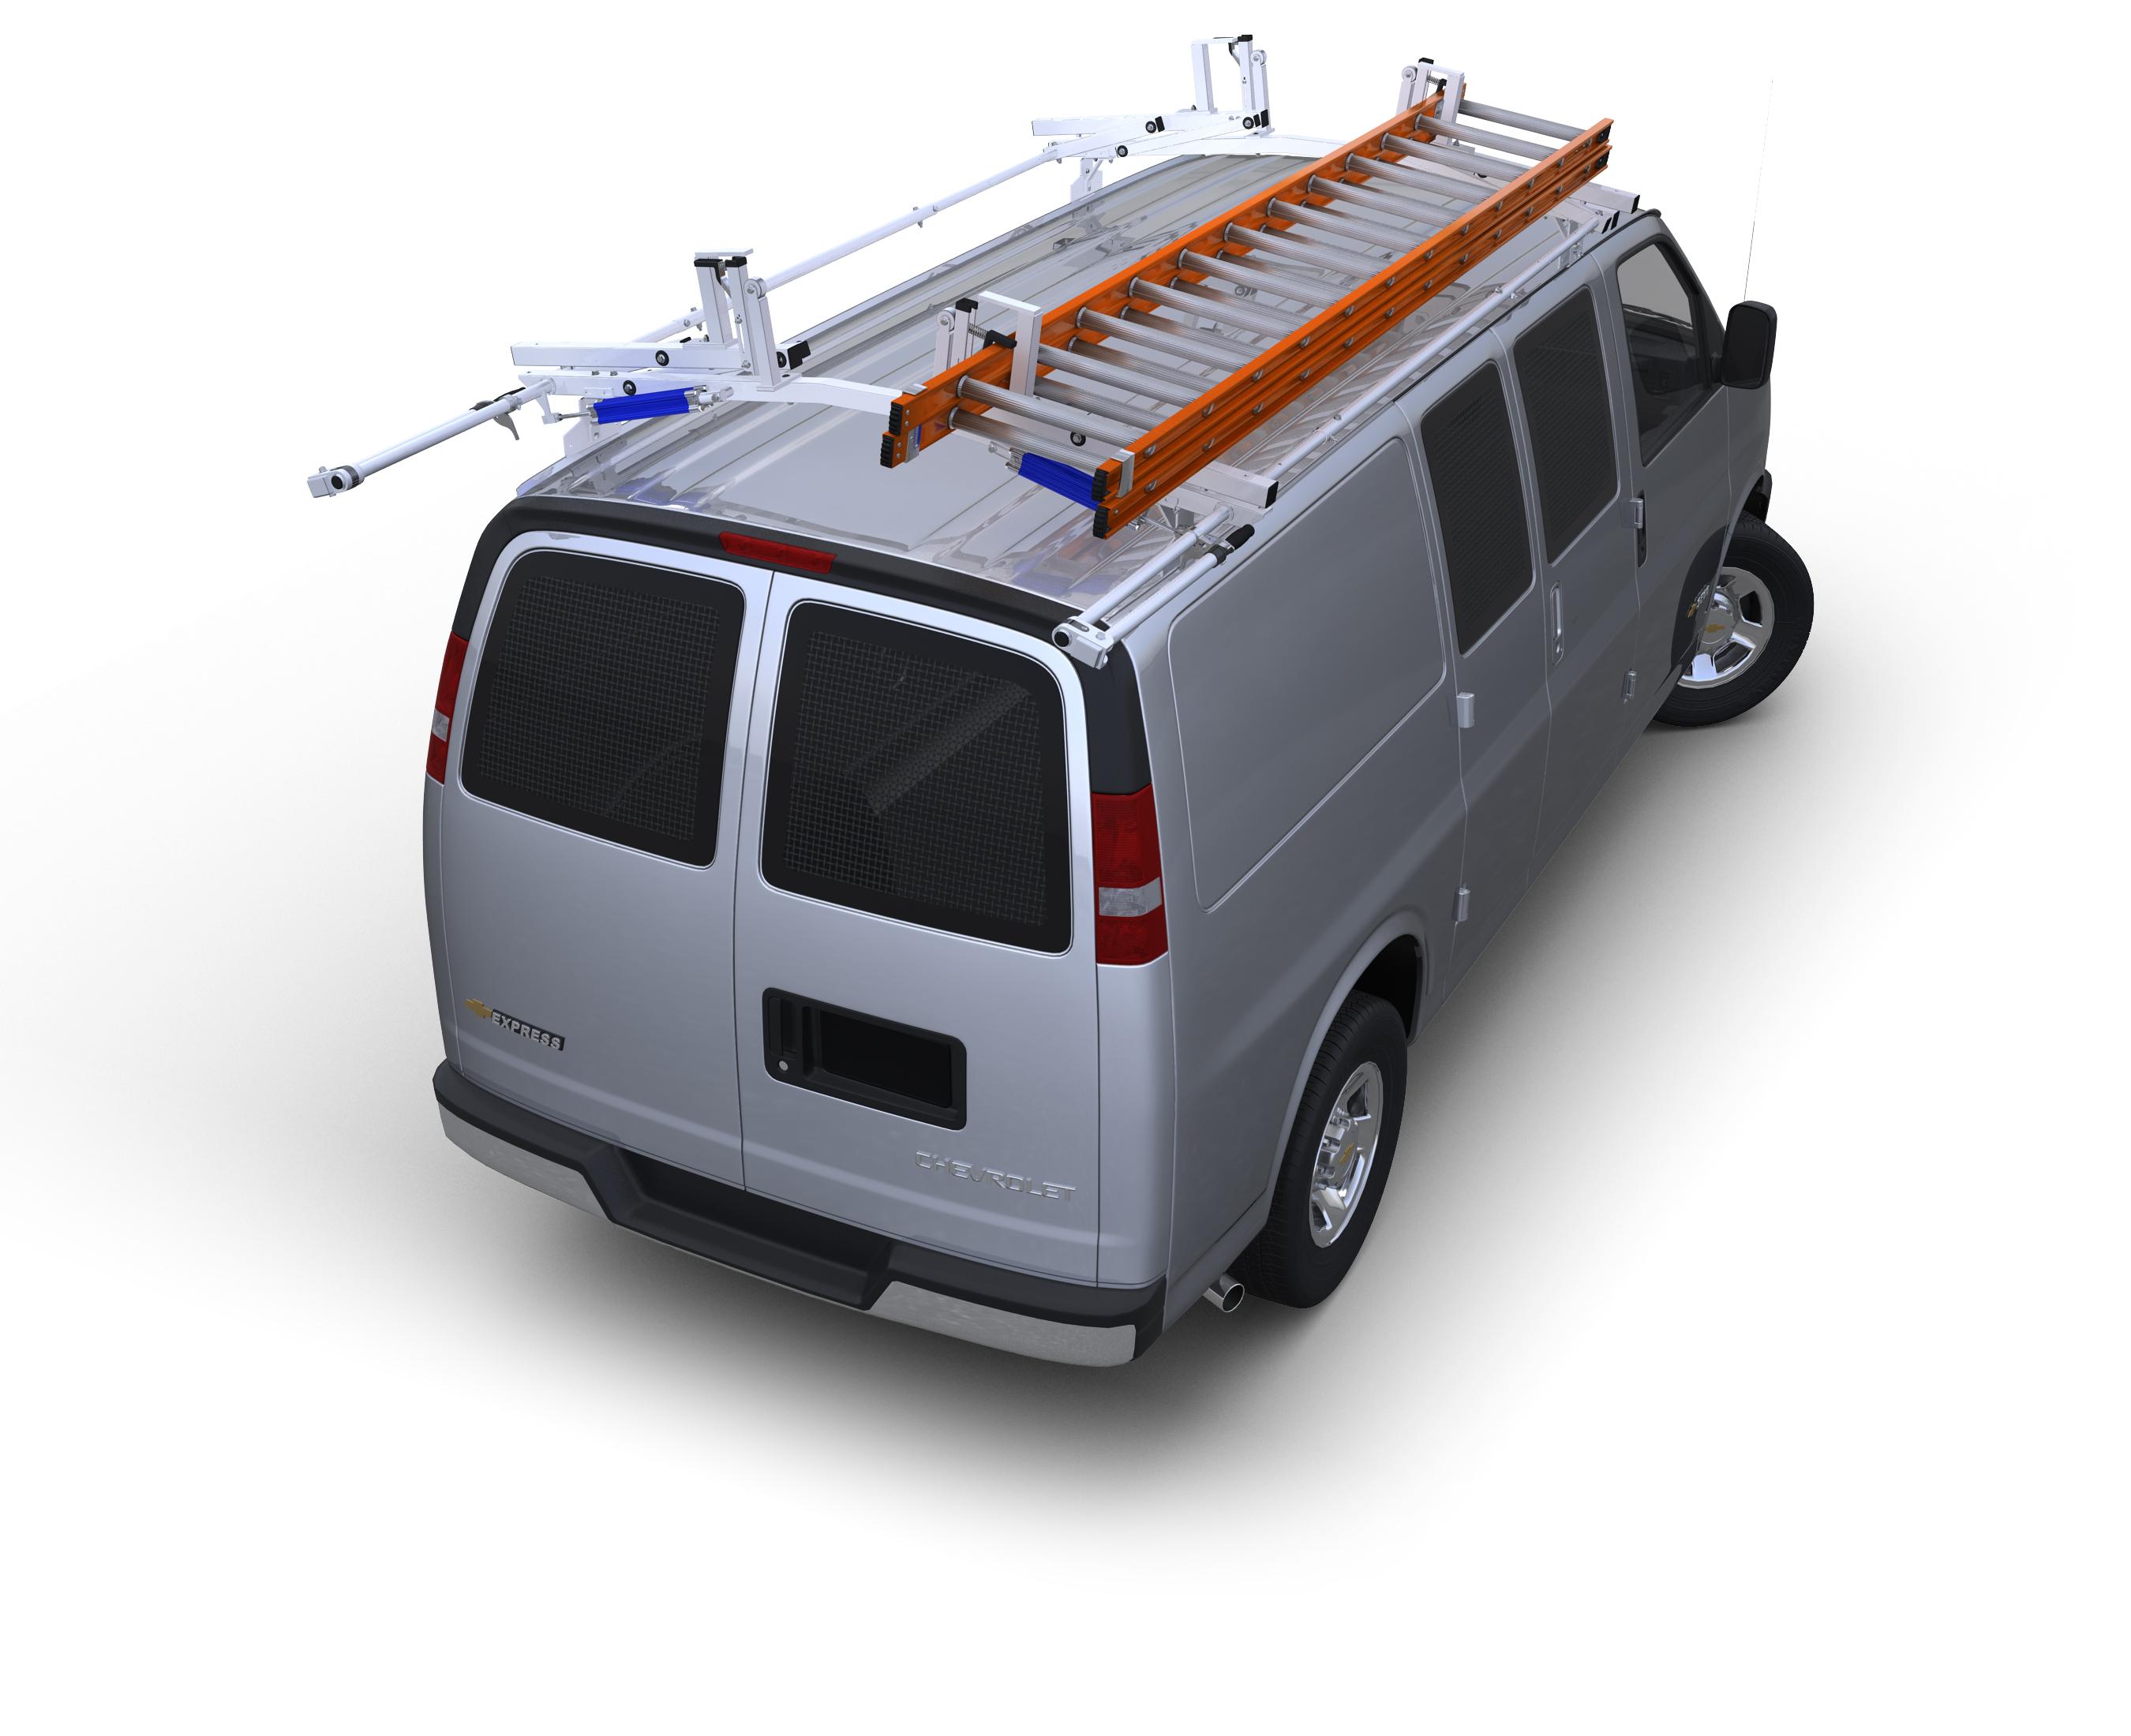 Cab File Desks - Full Size Van